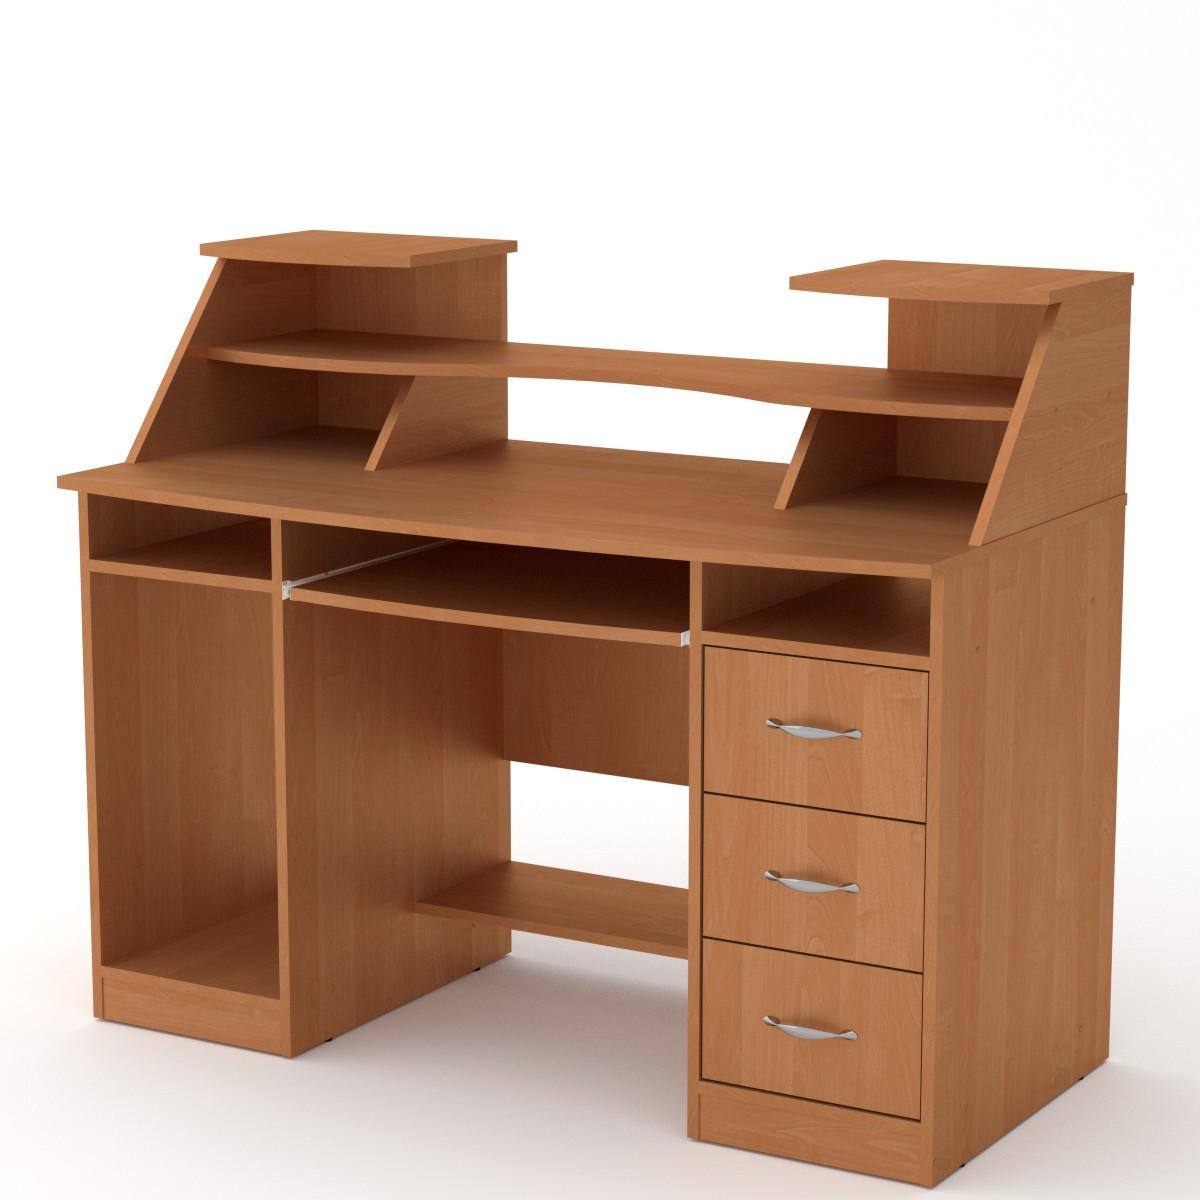 Стол компьютерный комфорт-5 дуб ольха Компанит